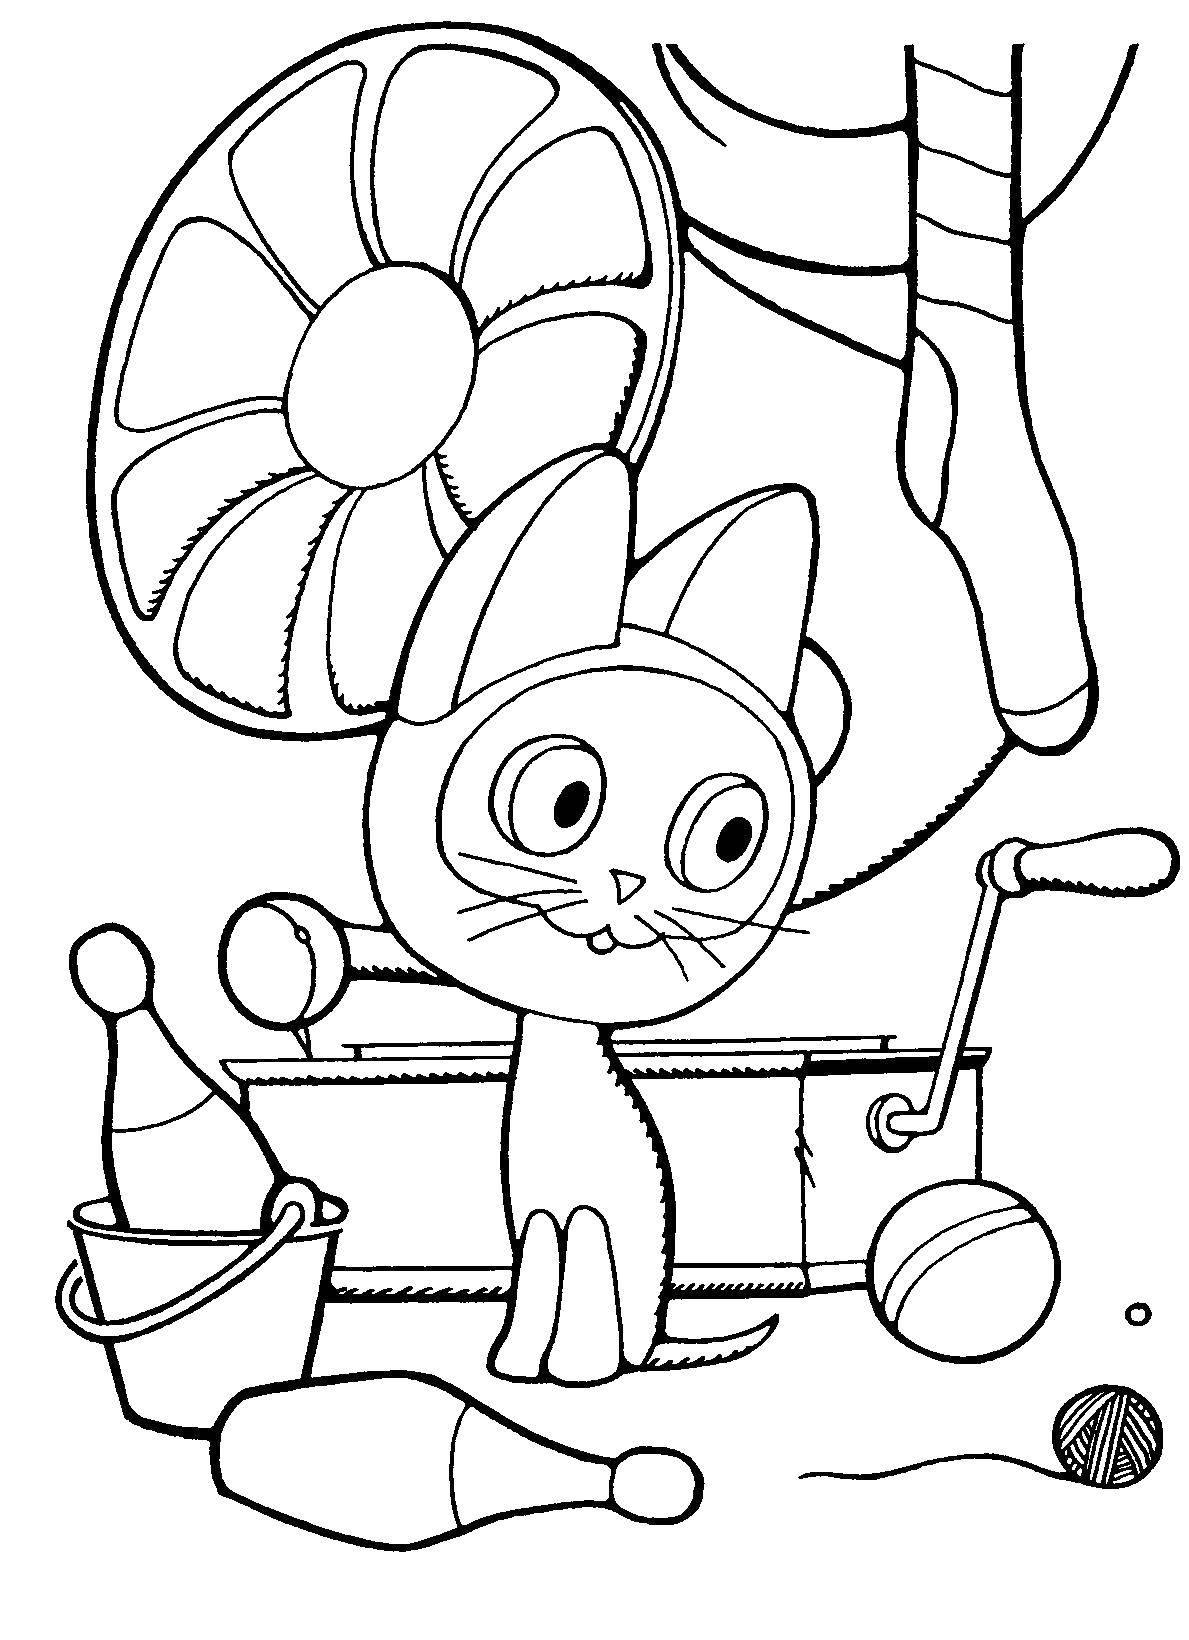 Раскраска котенок гав Скачать минни, платье, бантик.  Распечатать ,микки маус,